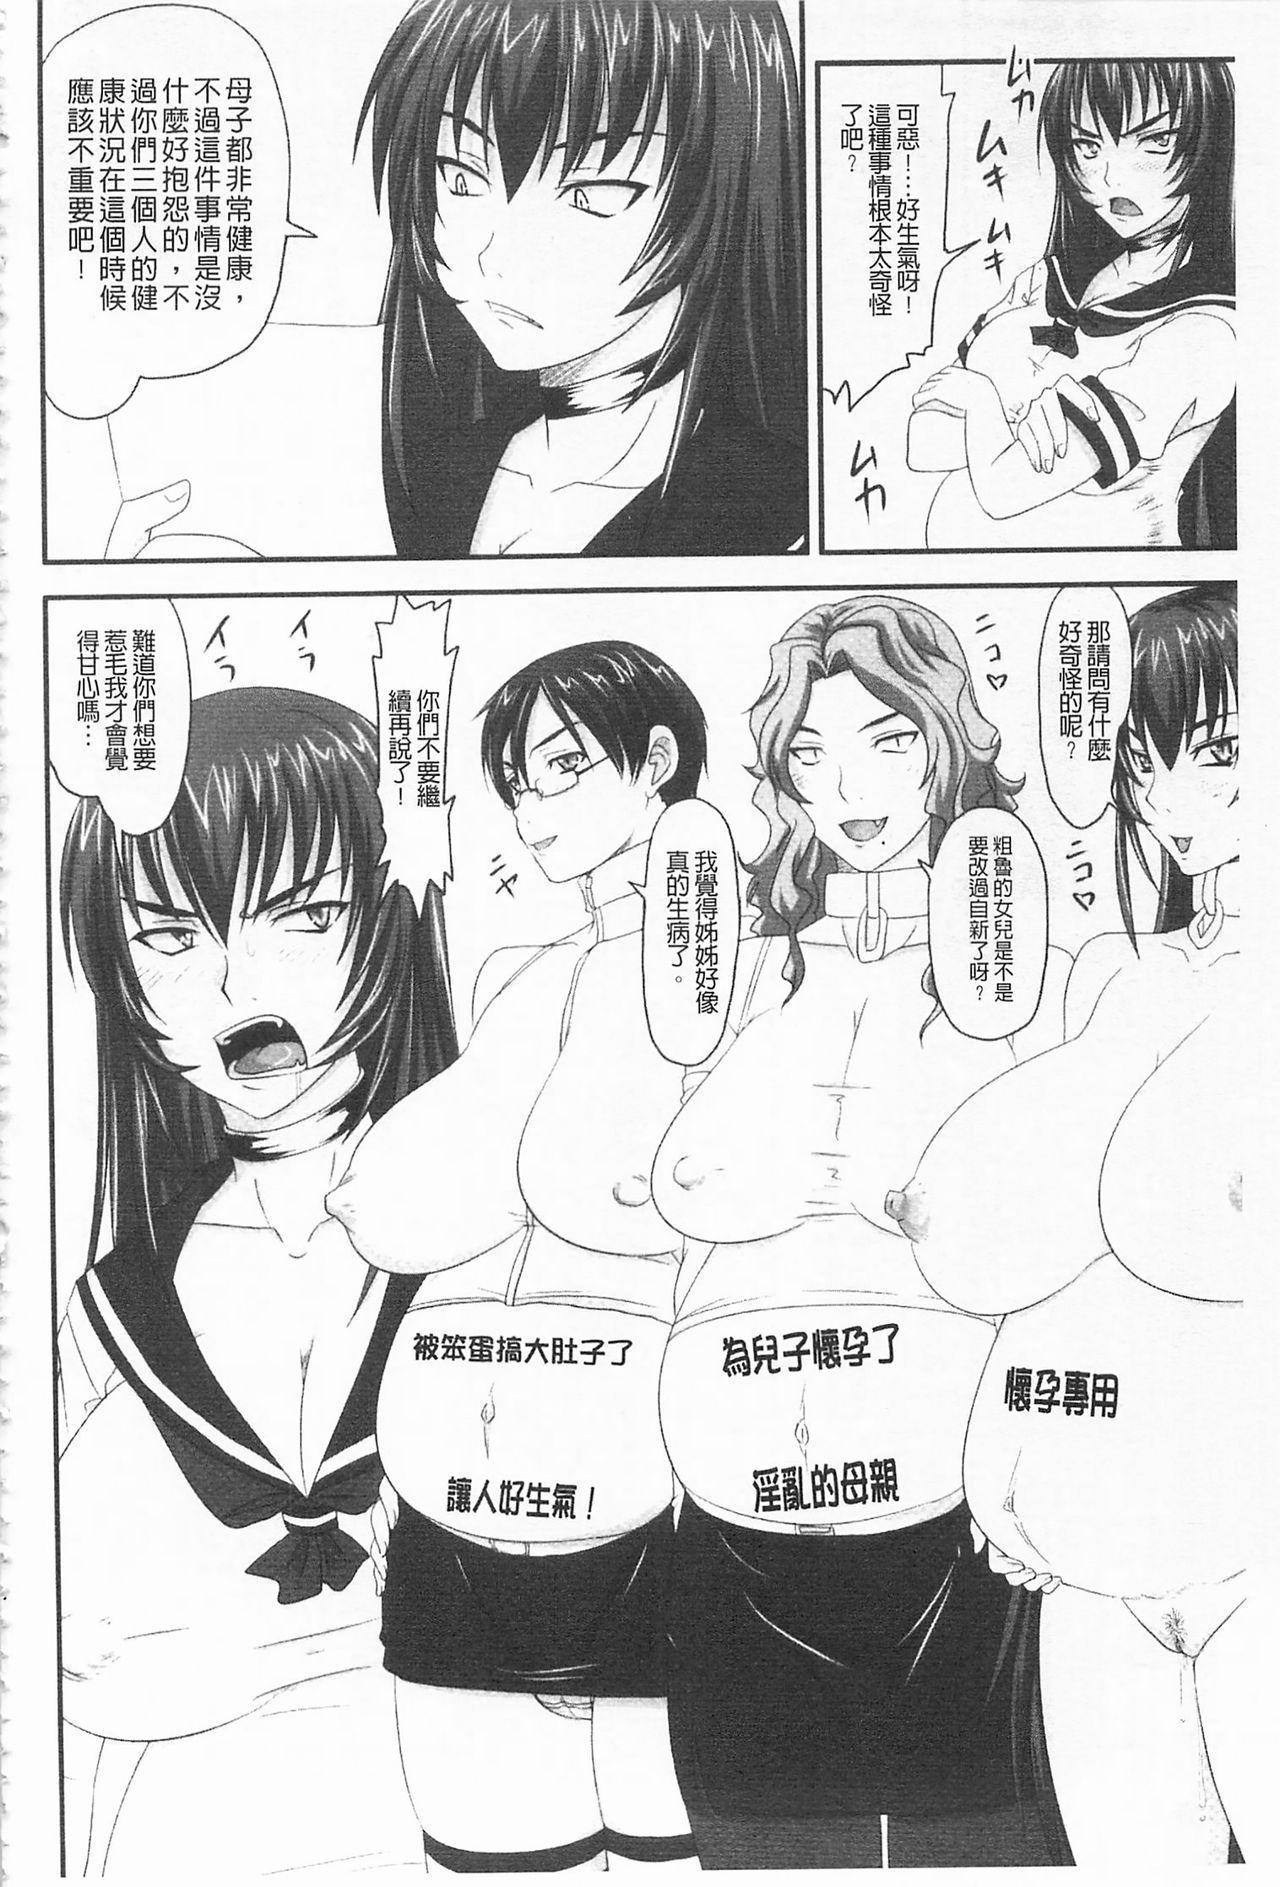 [Nozarashi Satoru] Do S na Hime wa Kegasareru -Ouhou no Shou-   超S的公主被玷汙了 ~報應之章~ [Chinese] 46